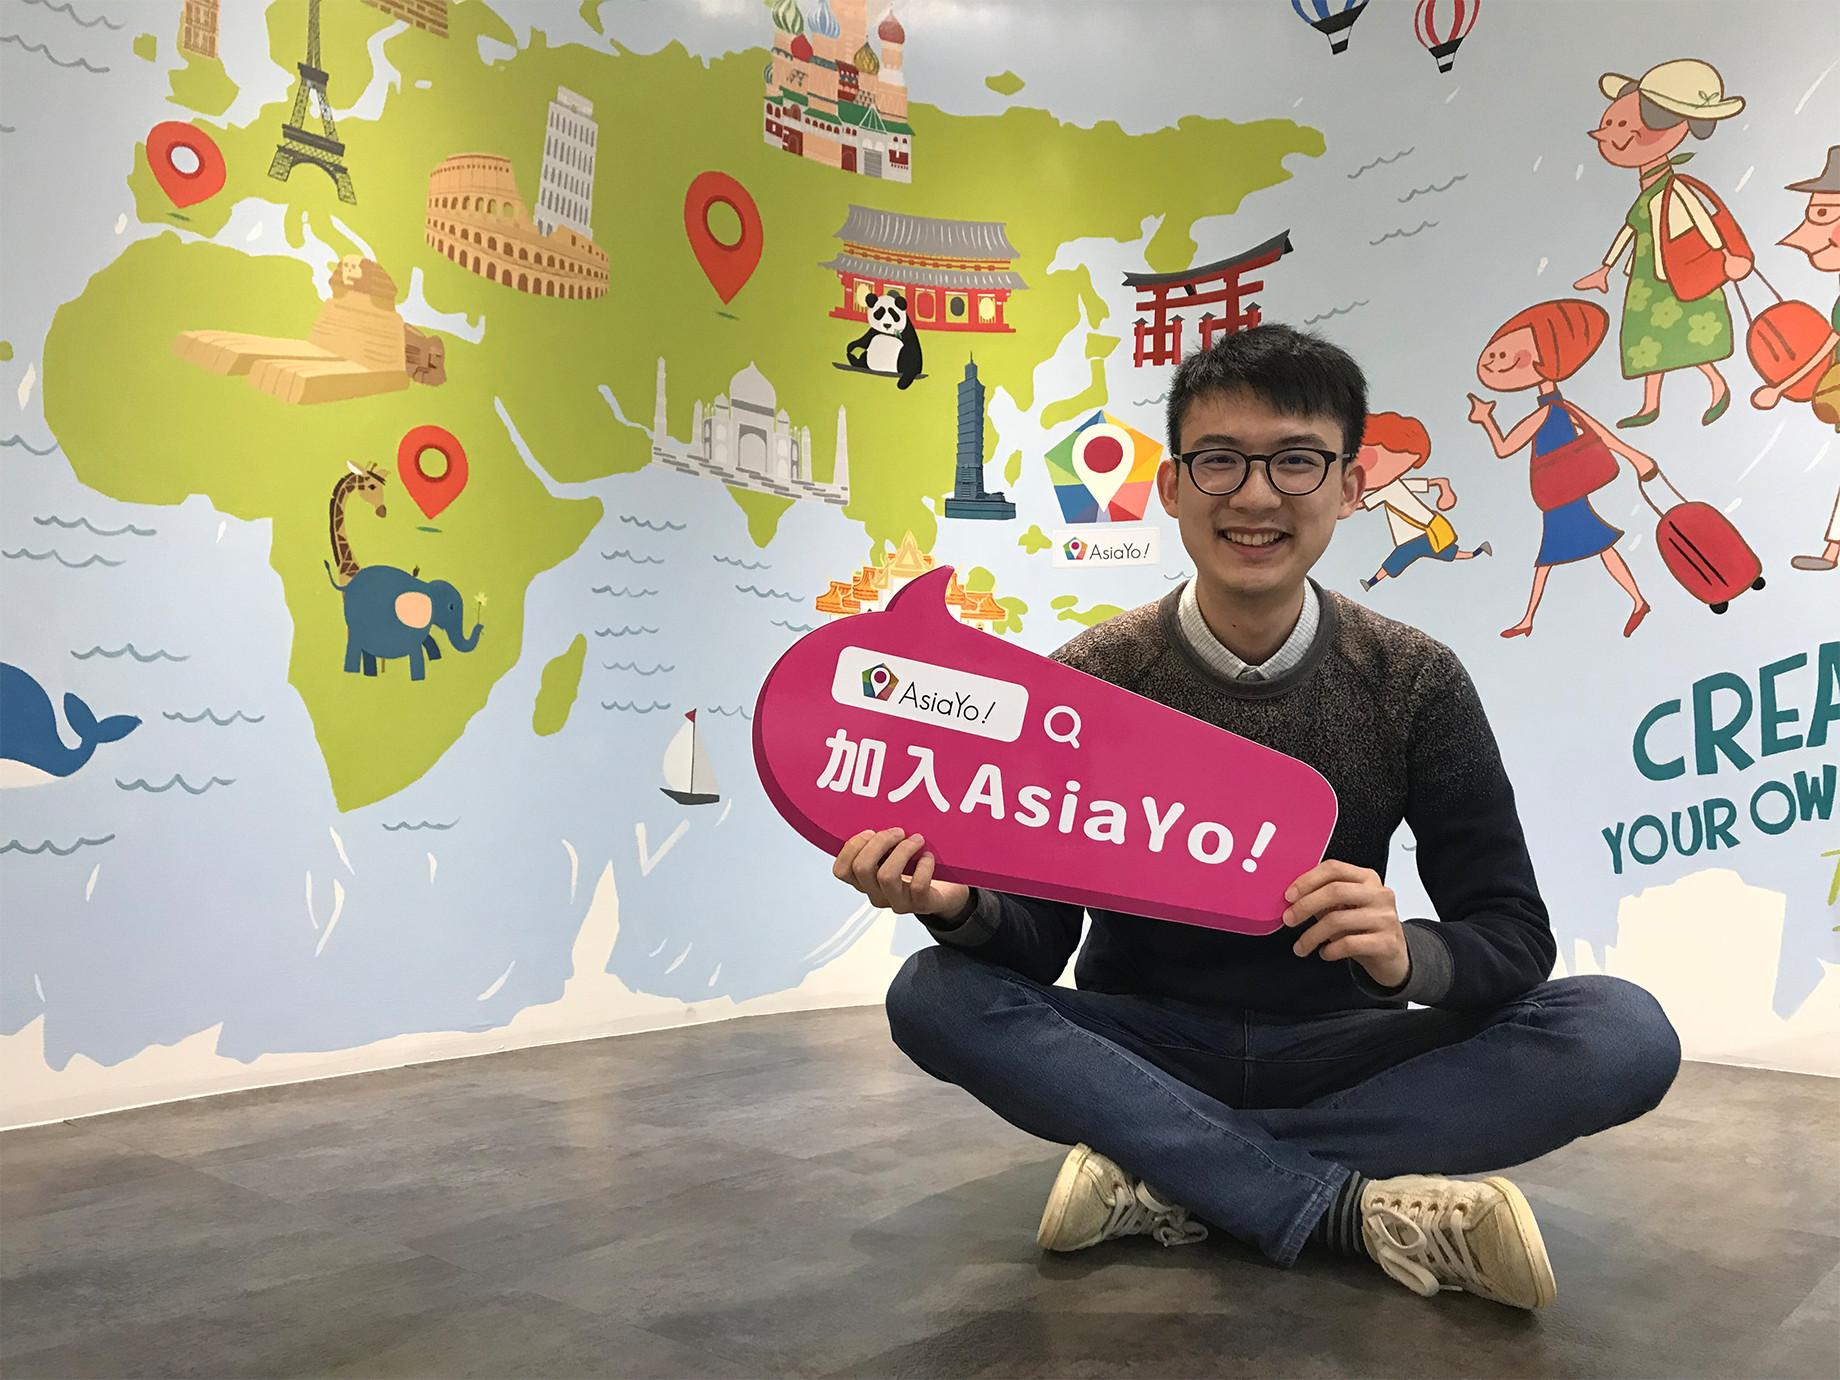 工作分享》吳浩正(AsiaYo! SEO產品經理):快速找到網路成功的方法,然後複製它